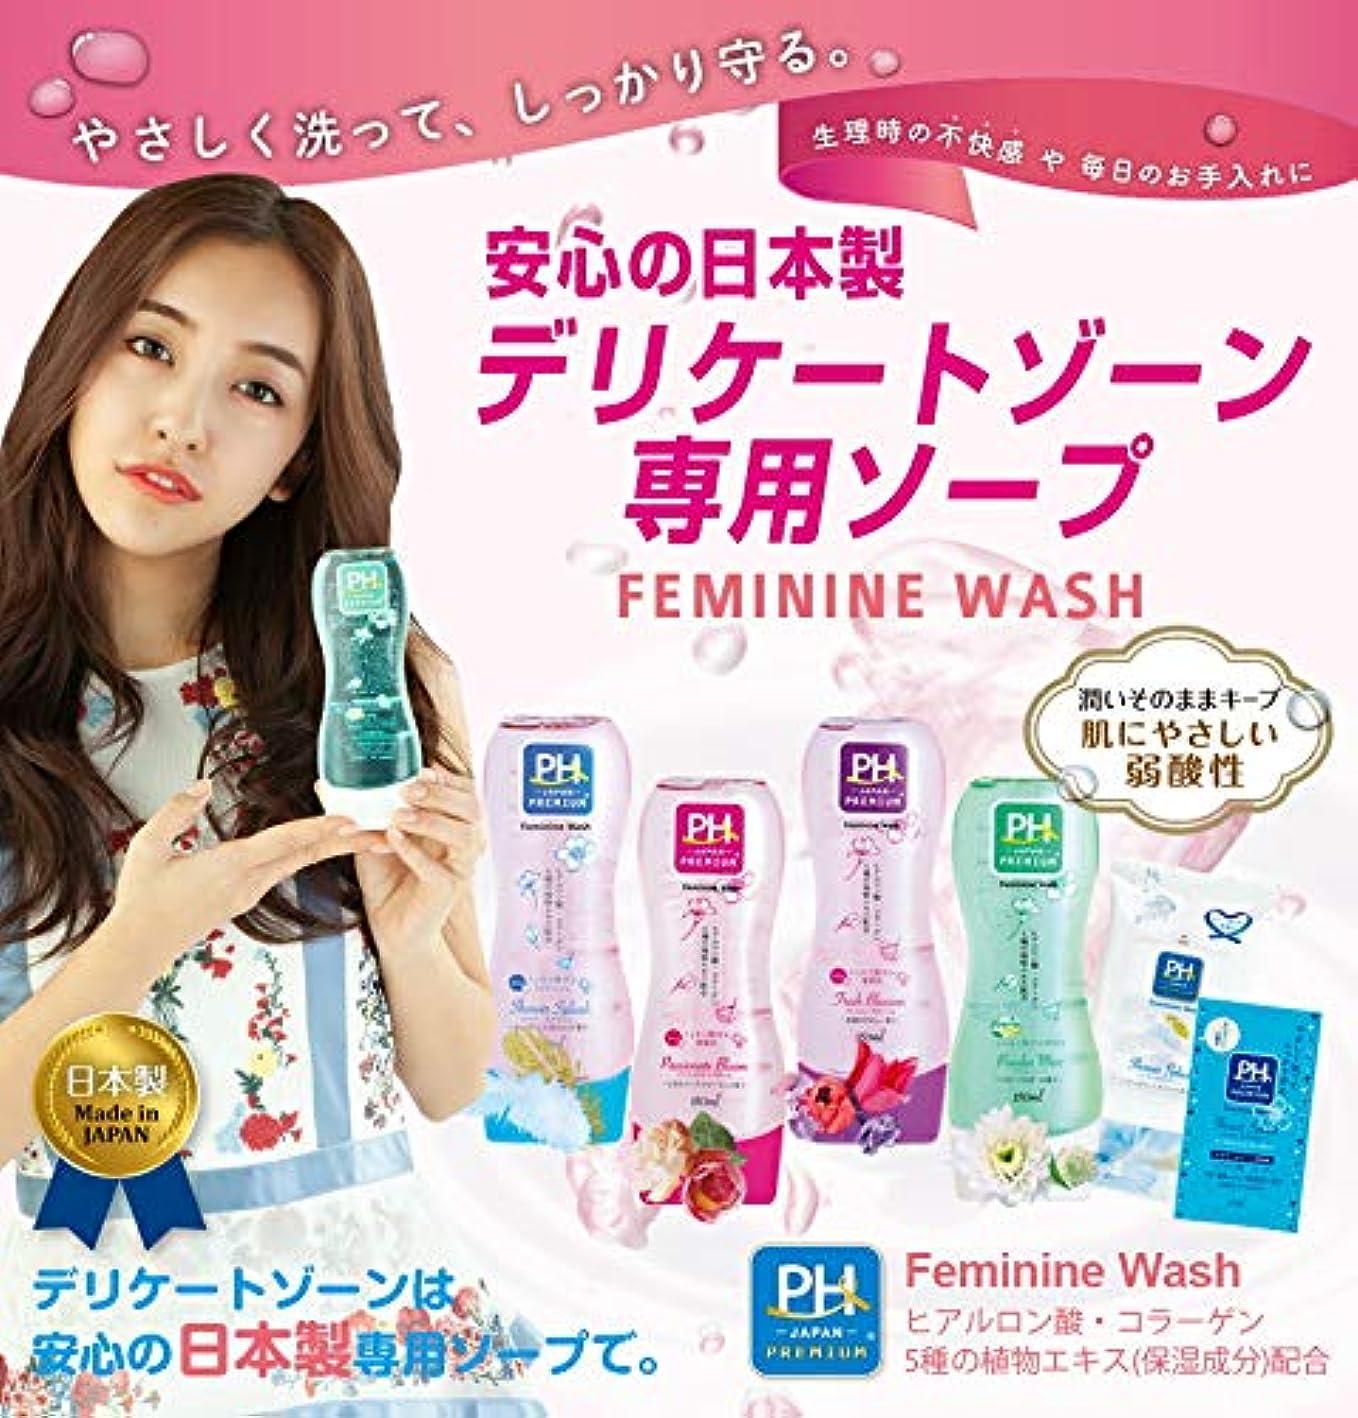 ビクター腐食する配管工パウダーミント4本セット PH JAPAN フェミニンウォッシュ ベビーパウダーの香り